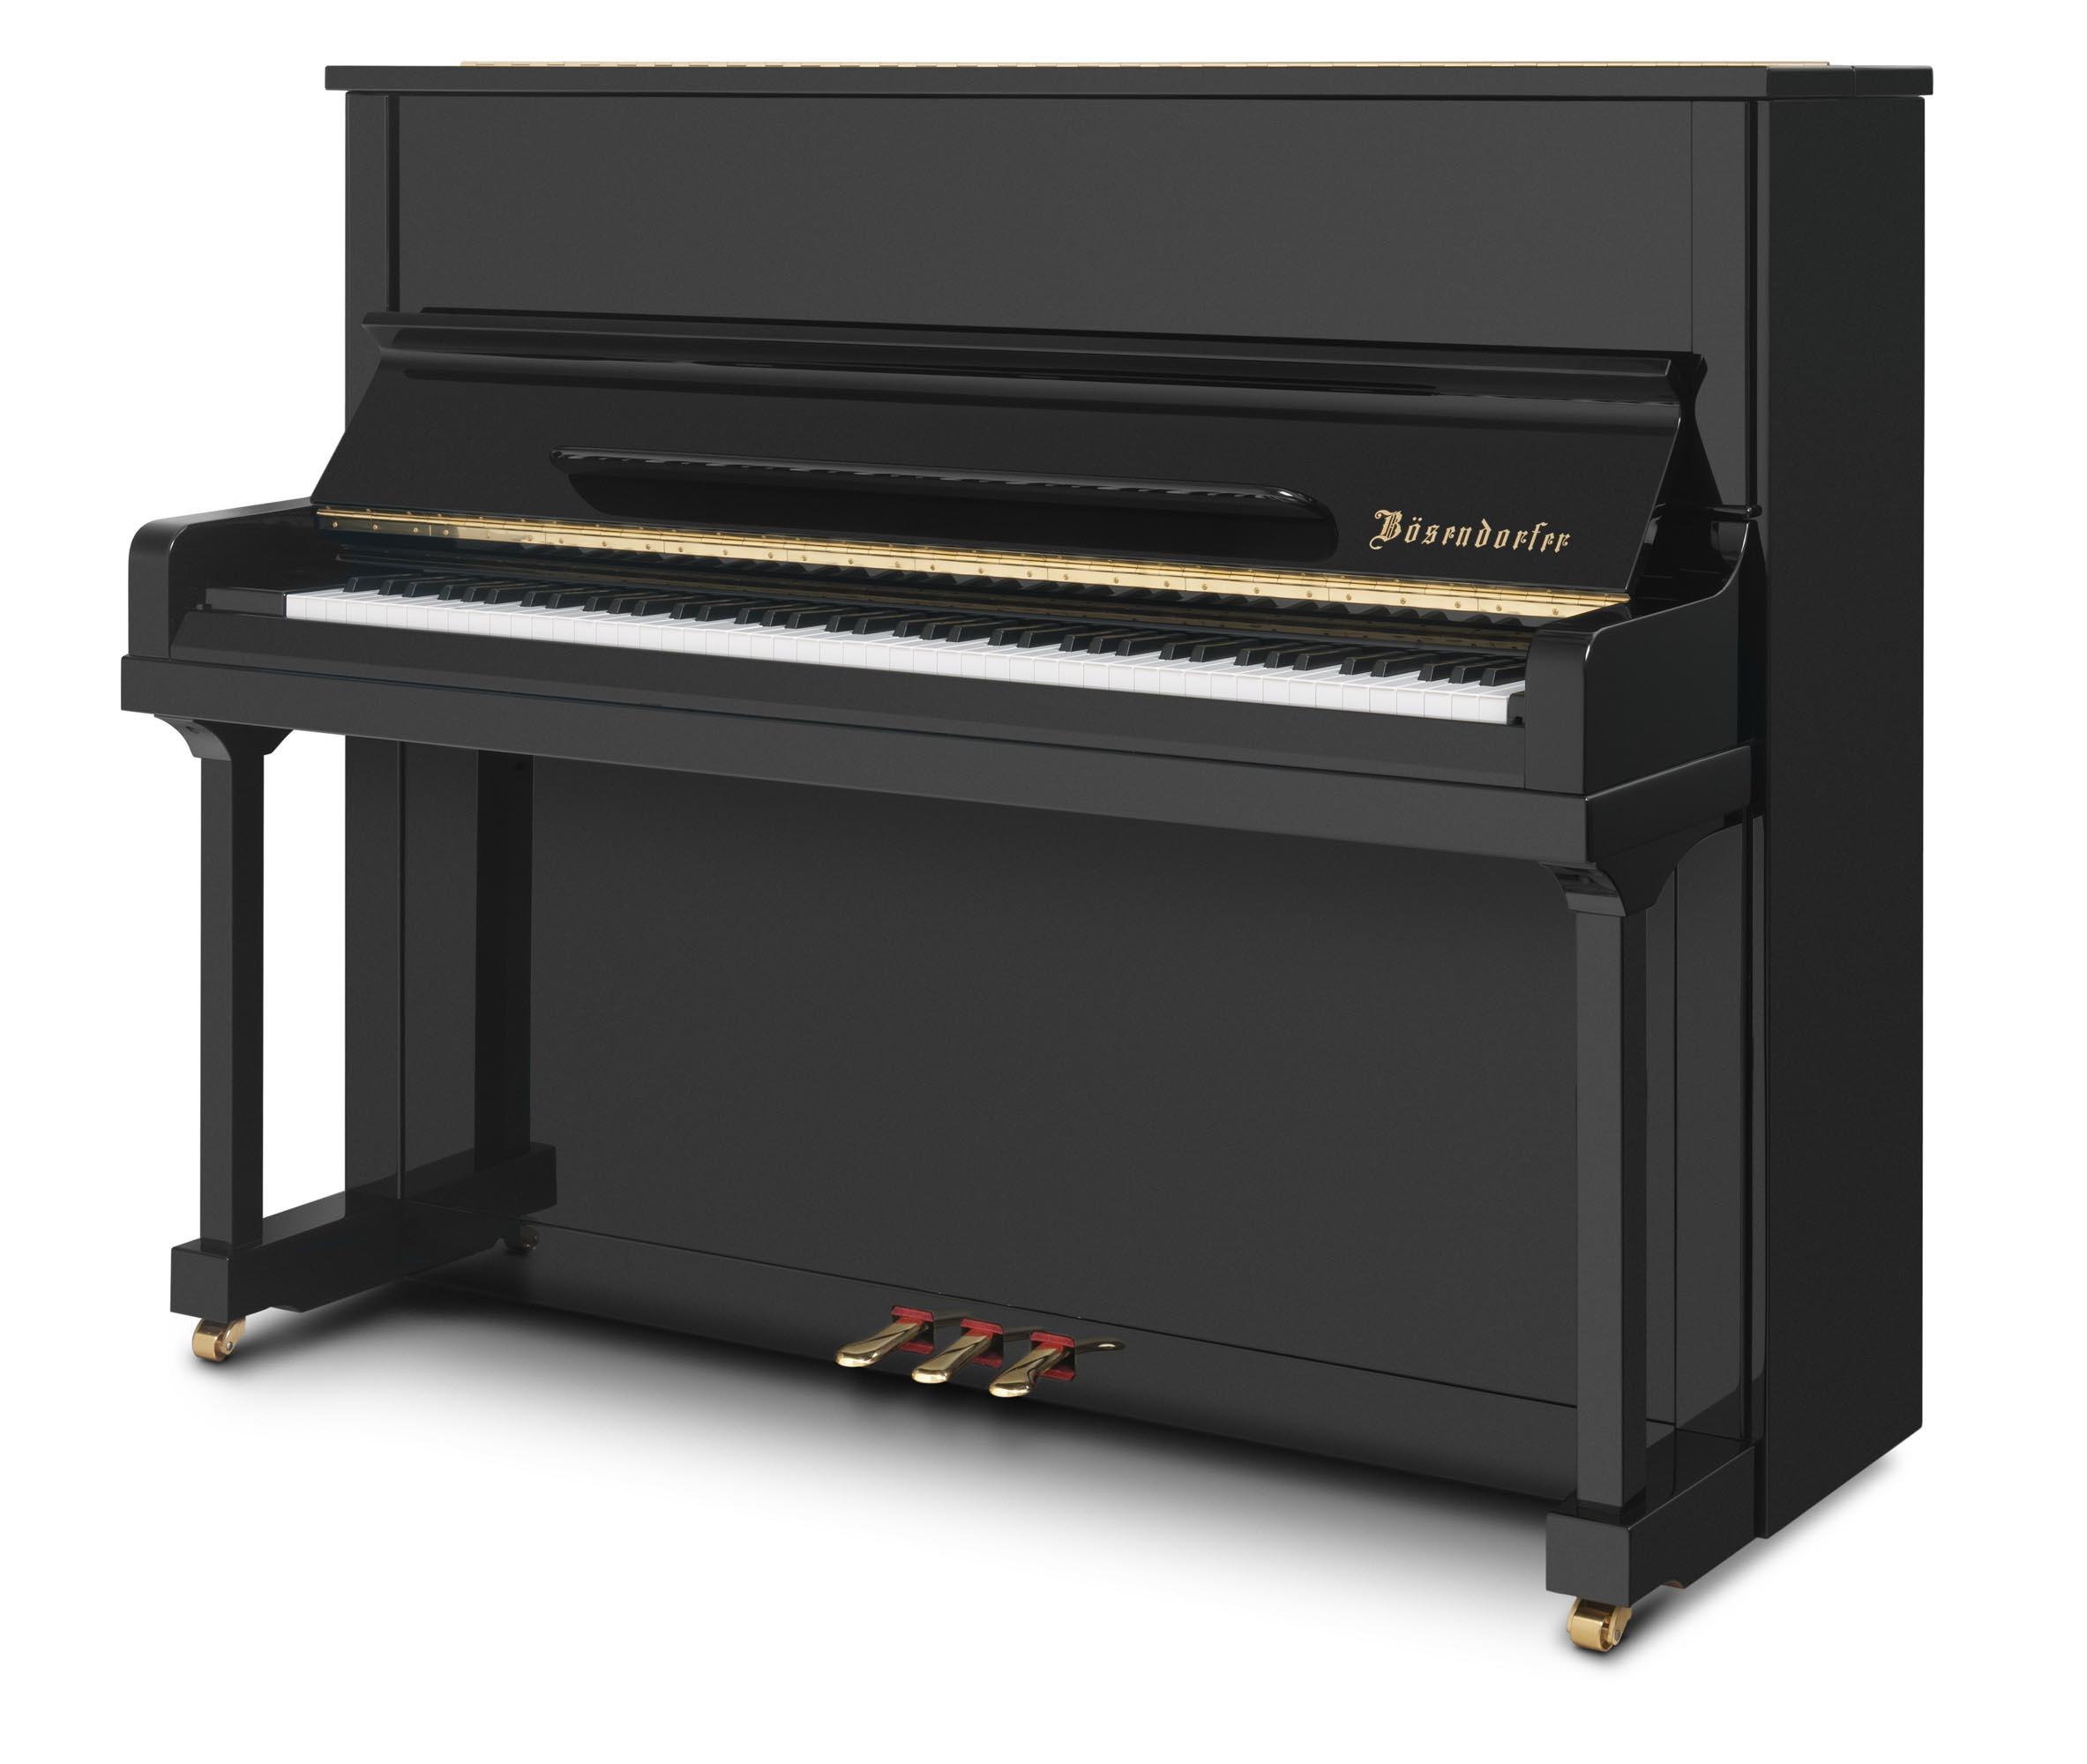 New Bösendorfer 120 Upright Piano